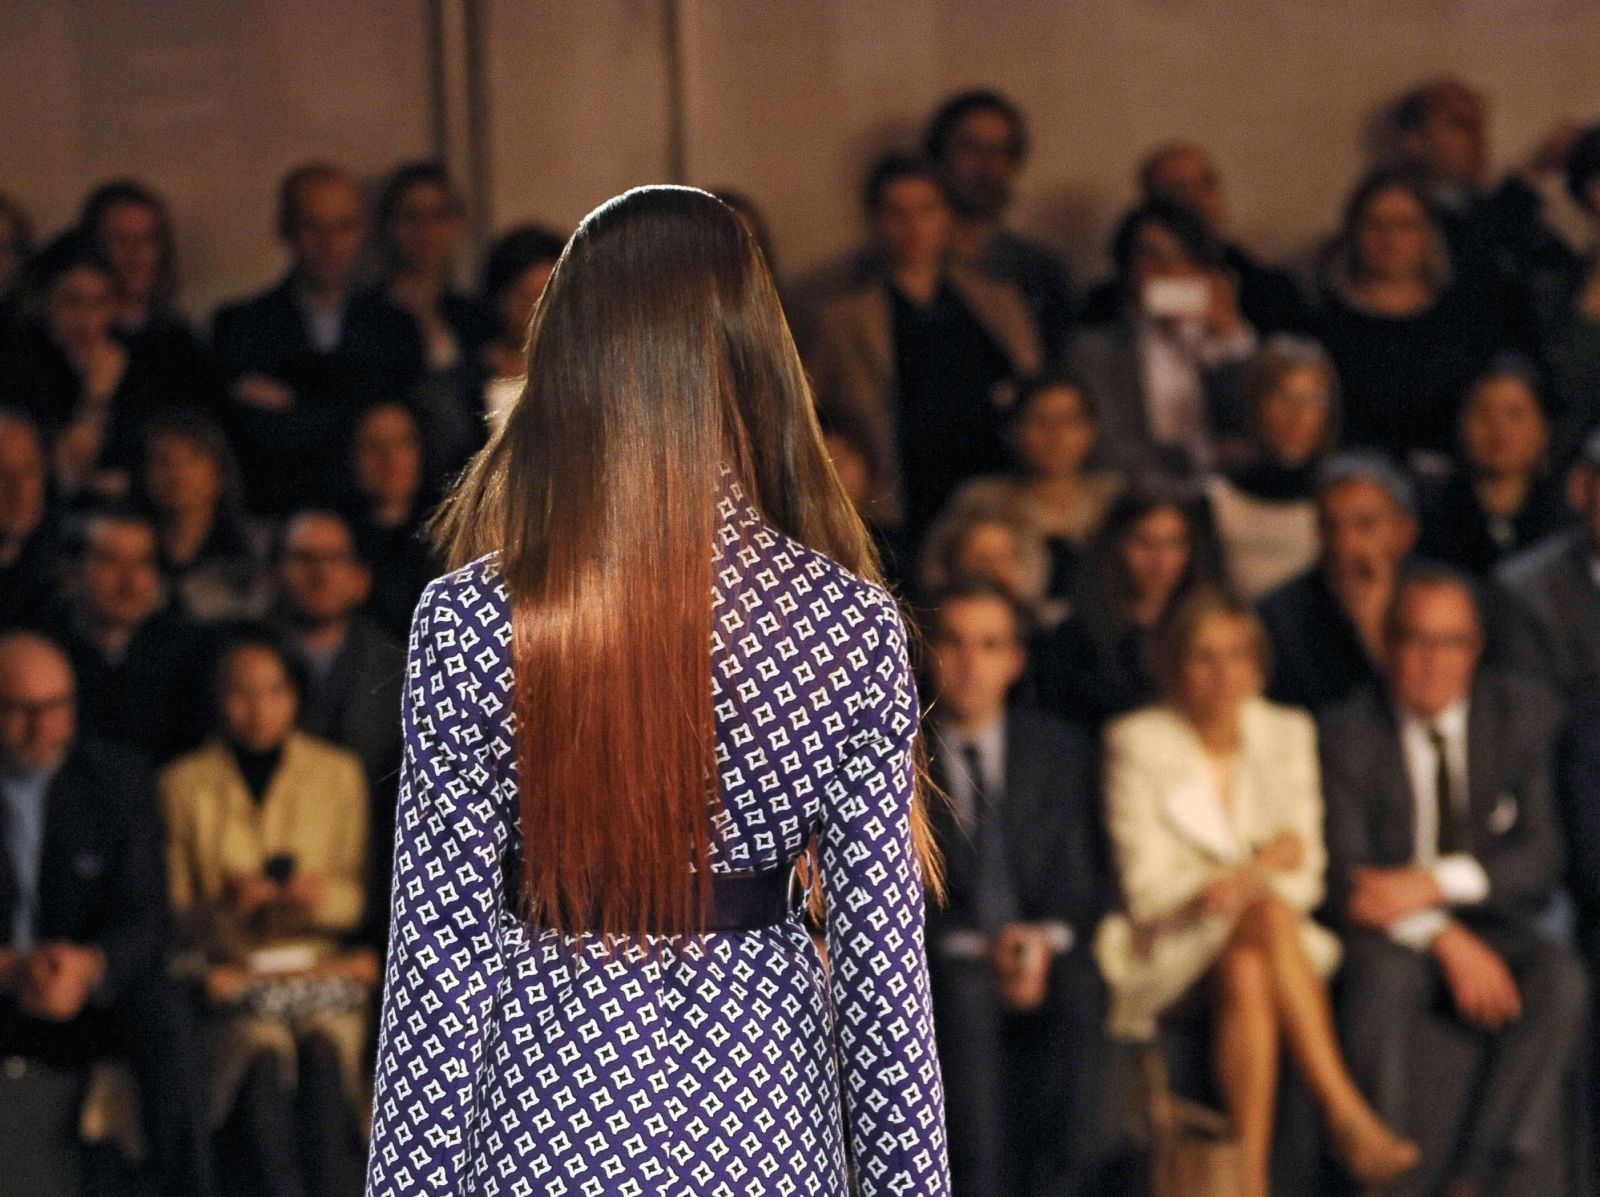 градация модный цвет волос 2013